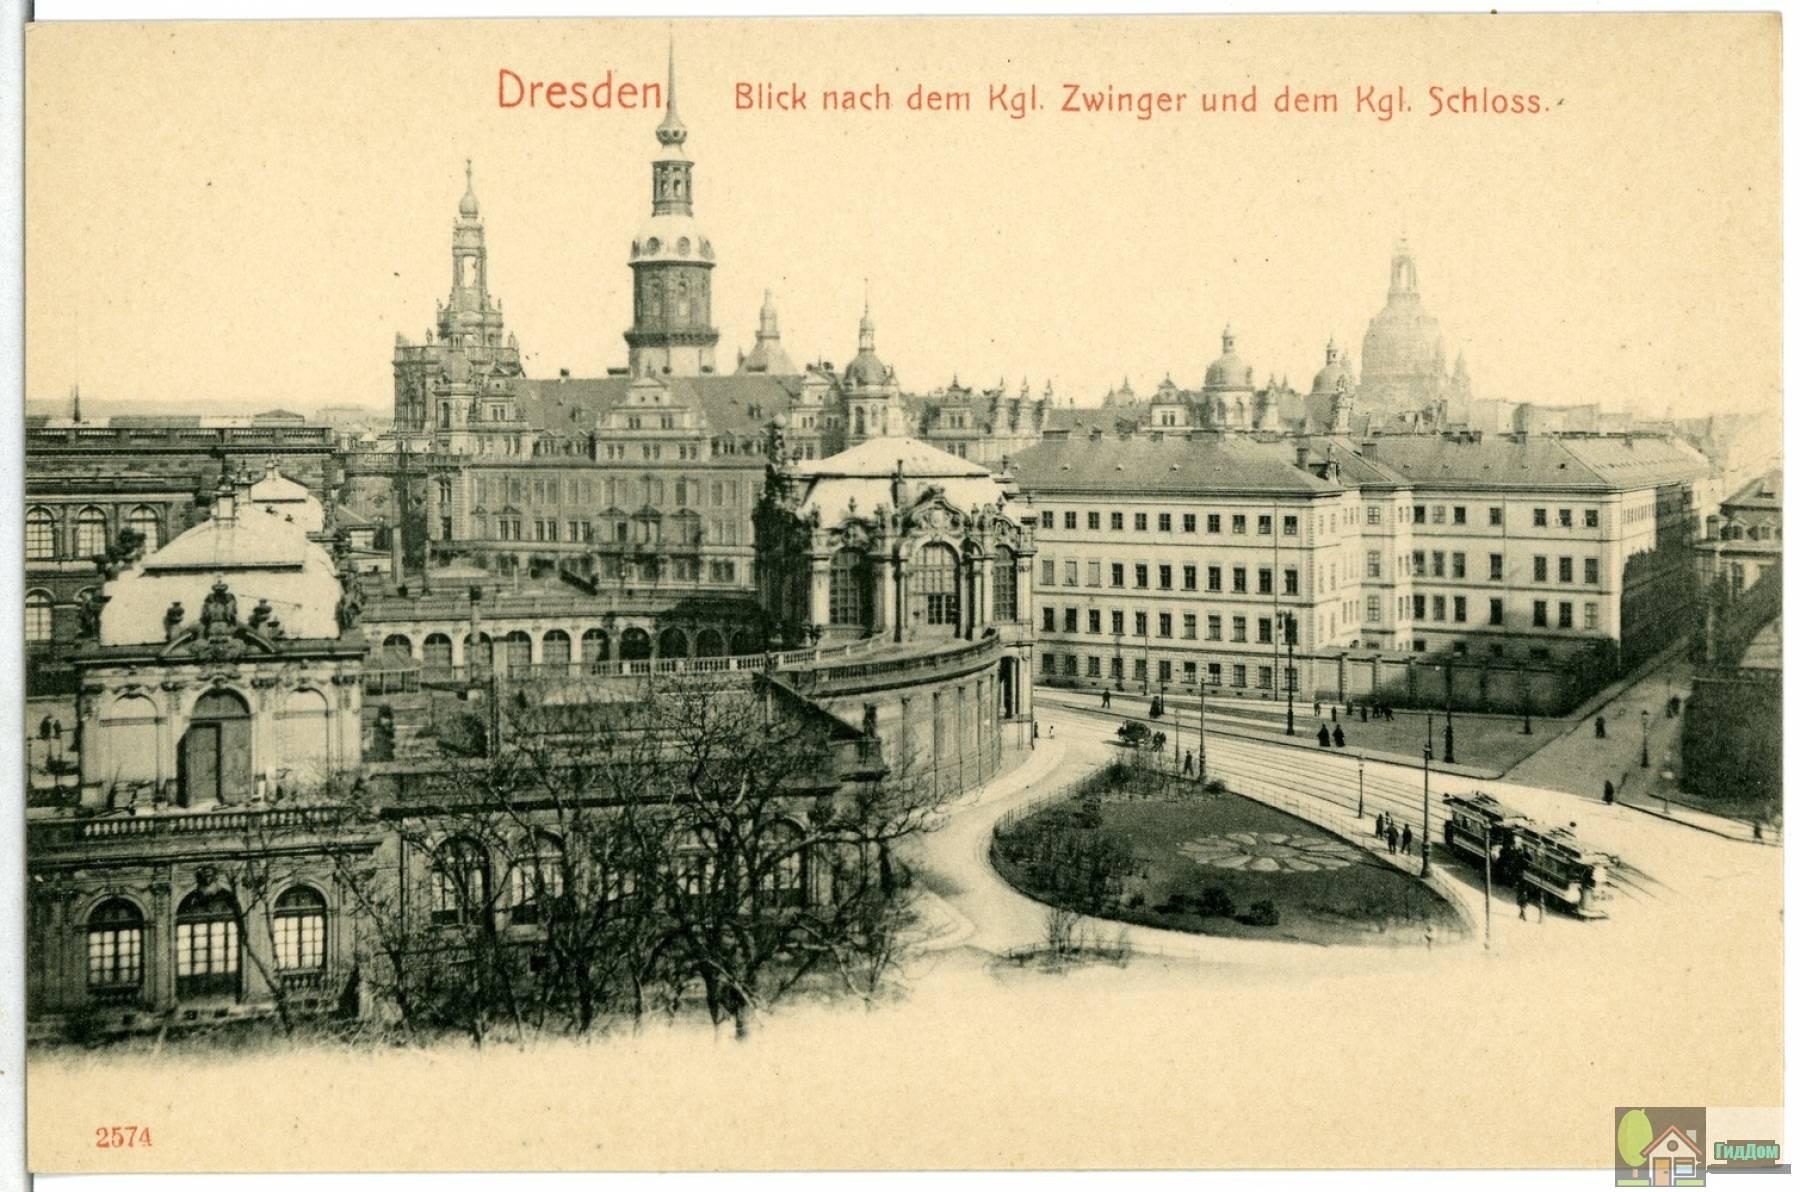 Дрезденский Цвингер на открытке 1902 года. Снимок загружен из открытых источников.